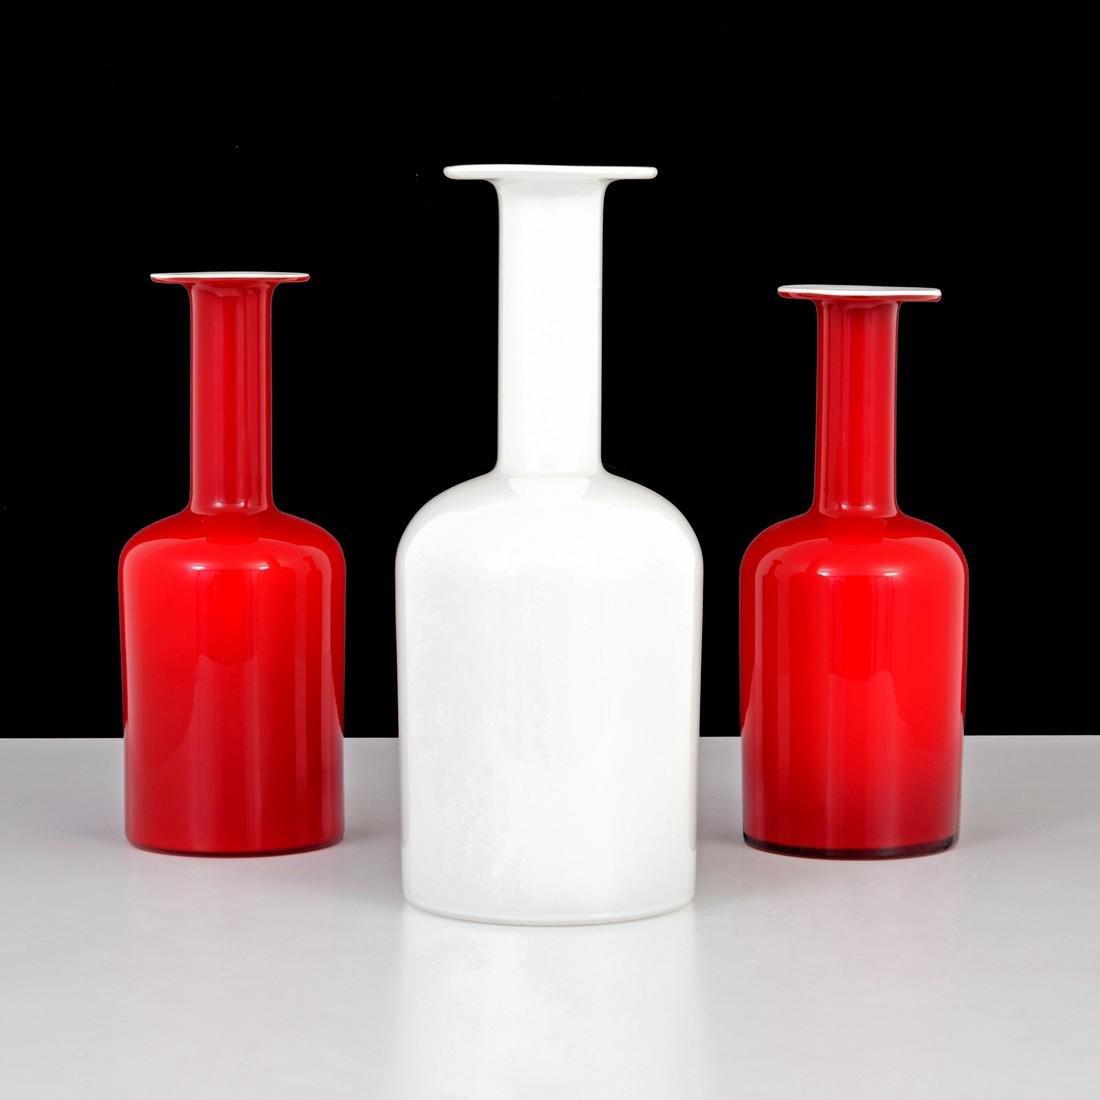 Otto Brauer GULVASE Vases, Set of 3